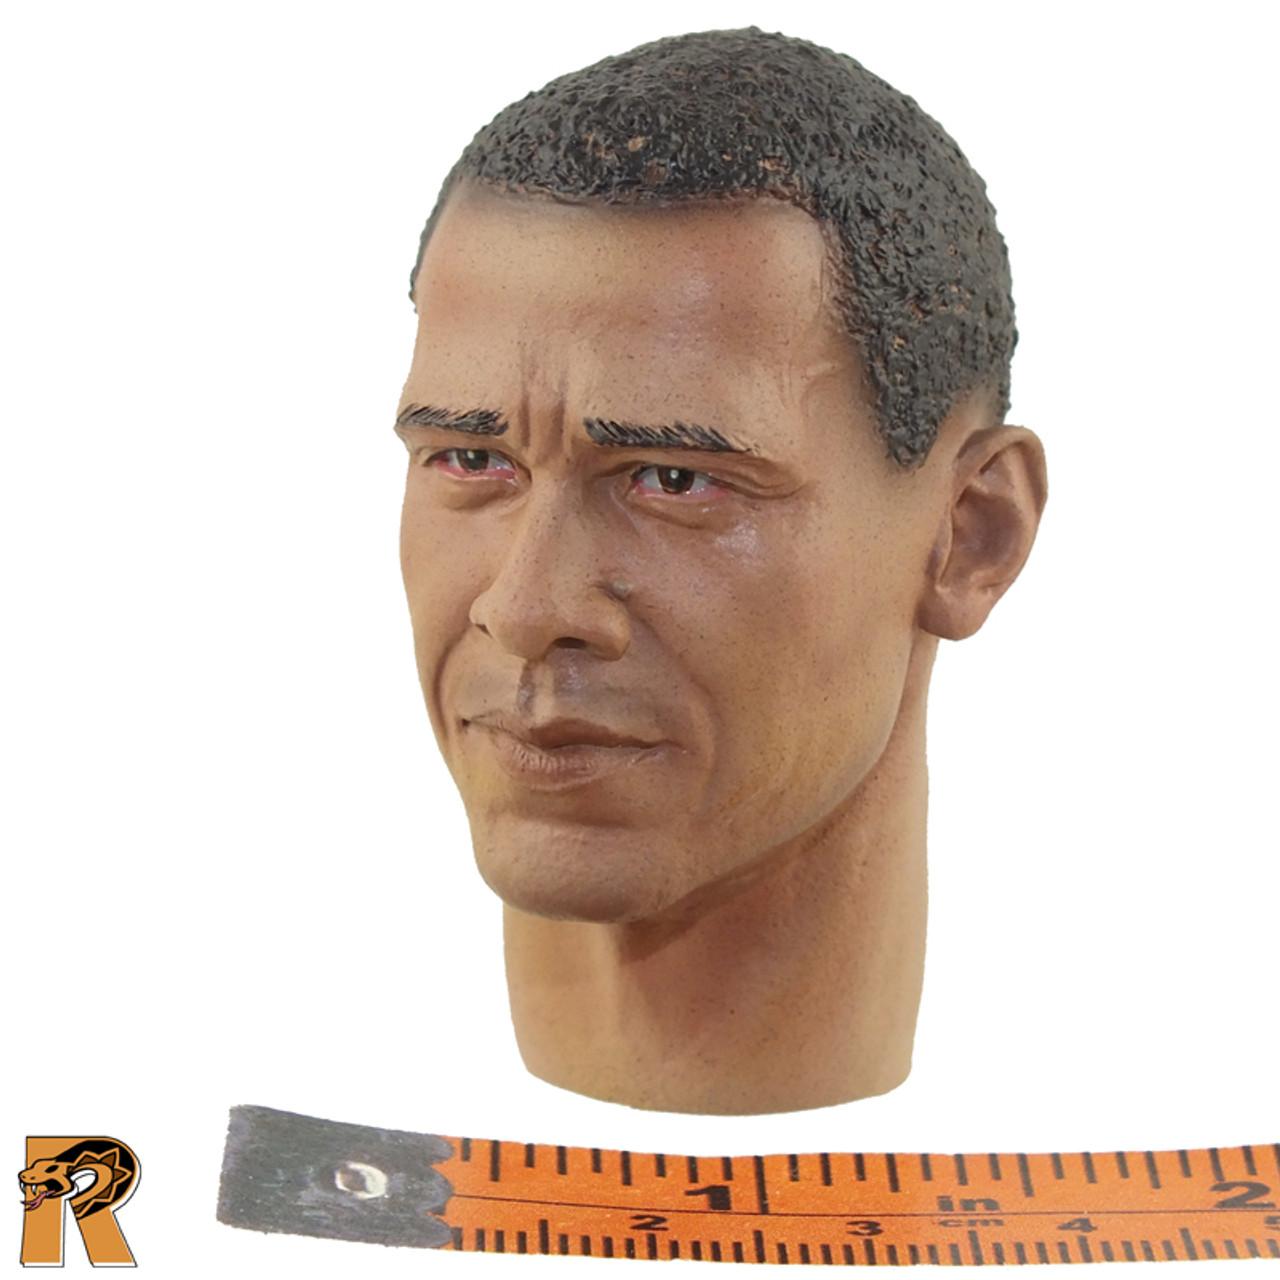 Obama - Head Sculpt (Serious) - 1/6 Scale